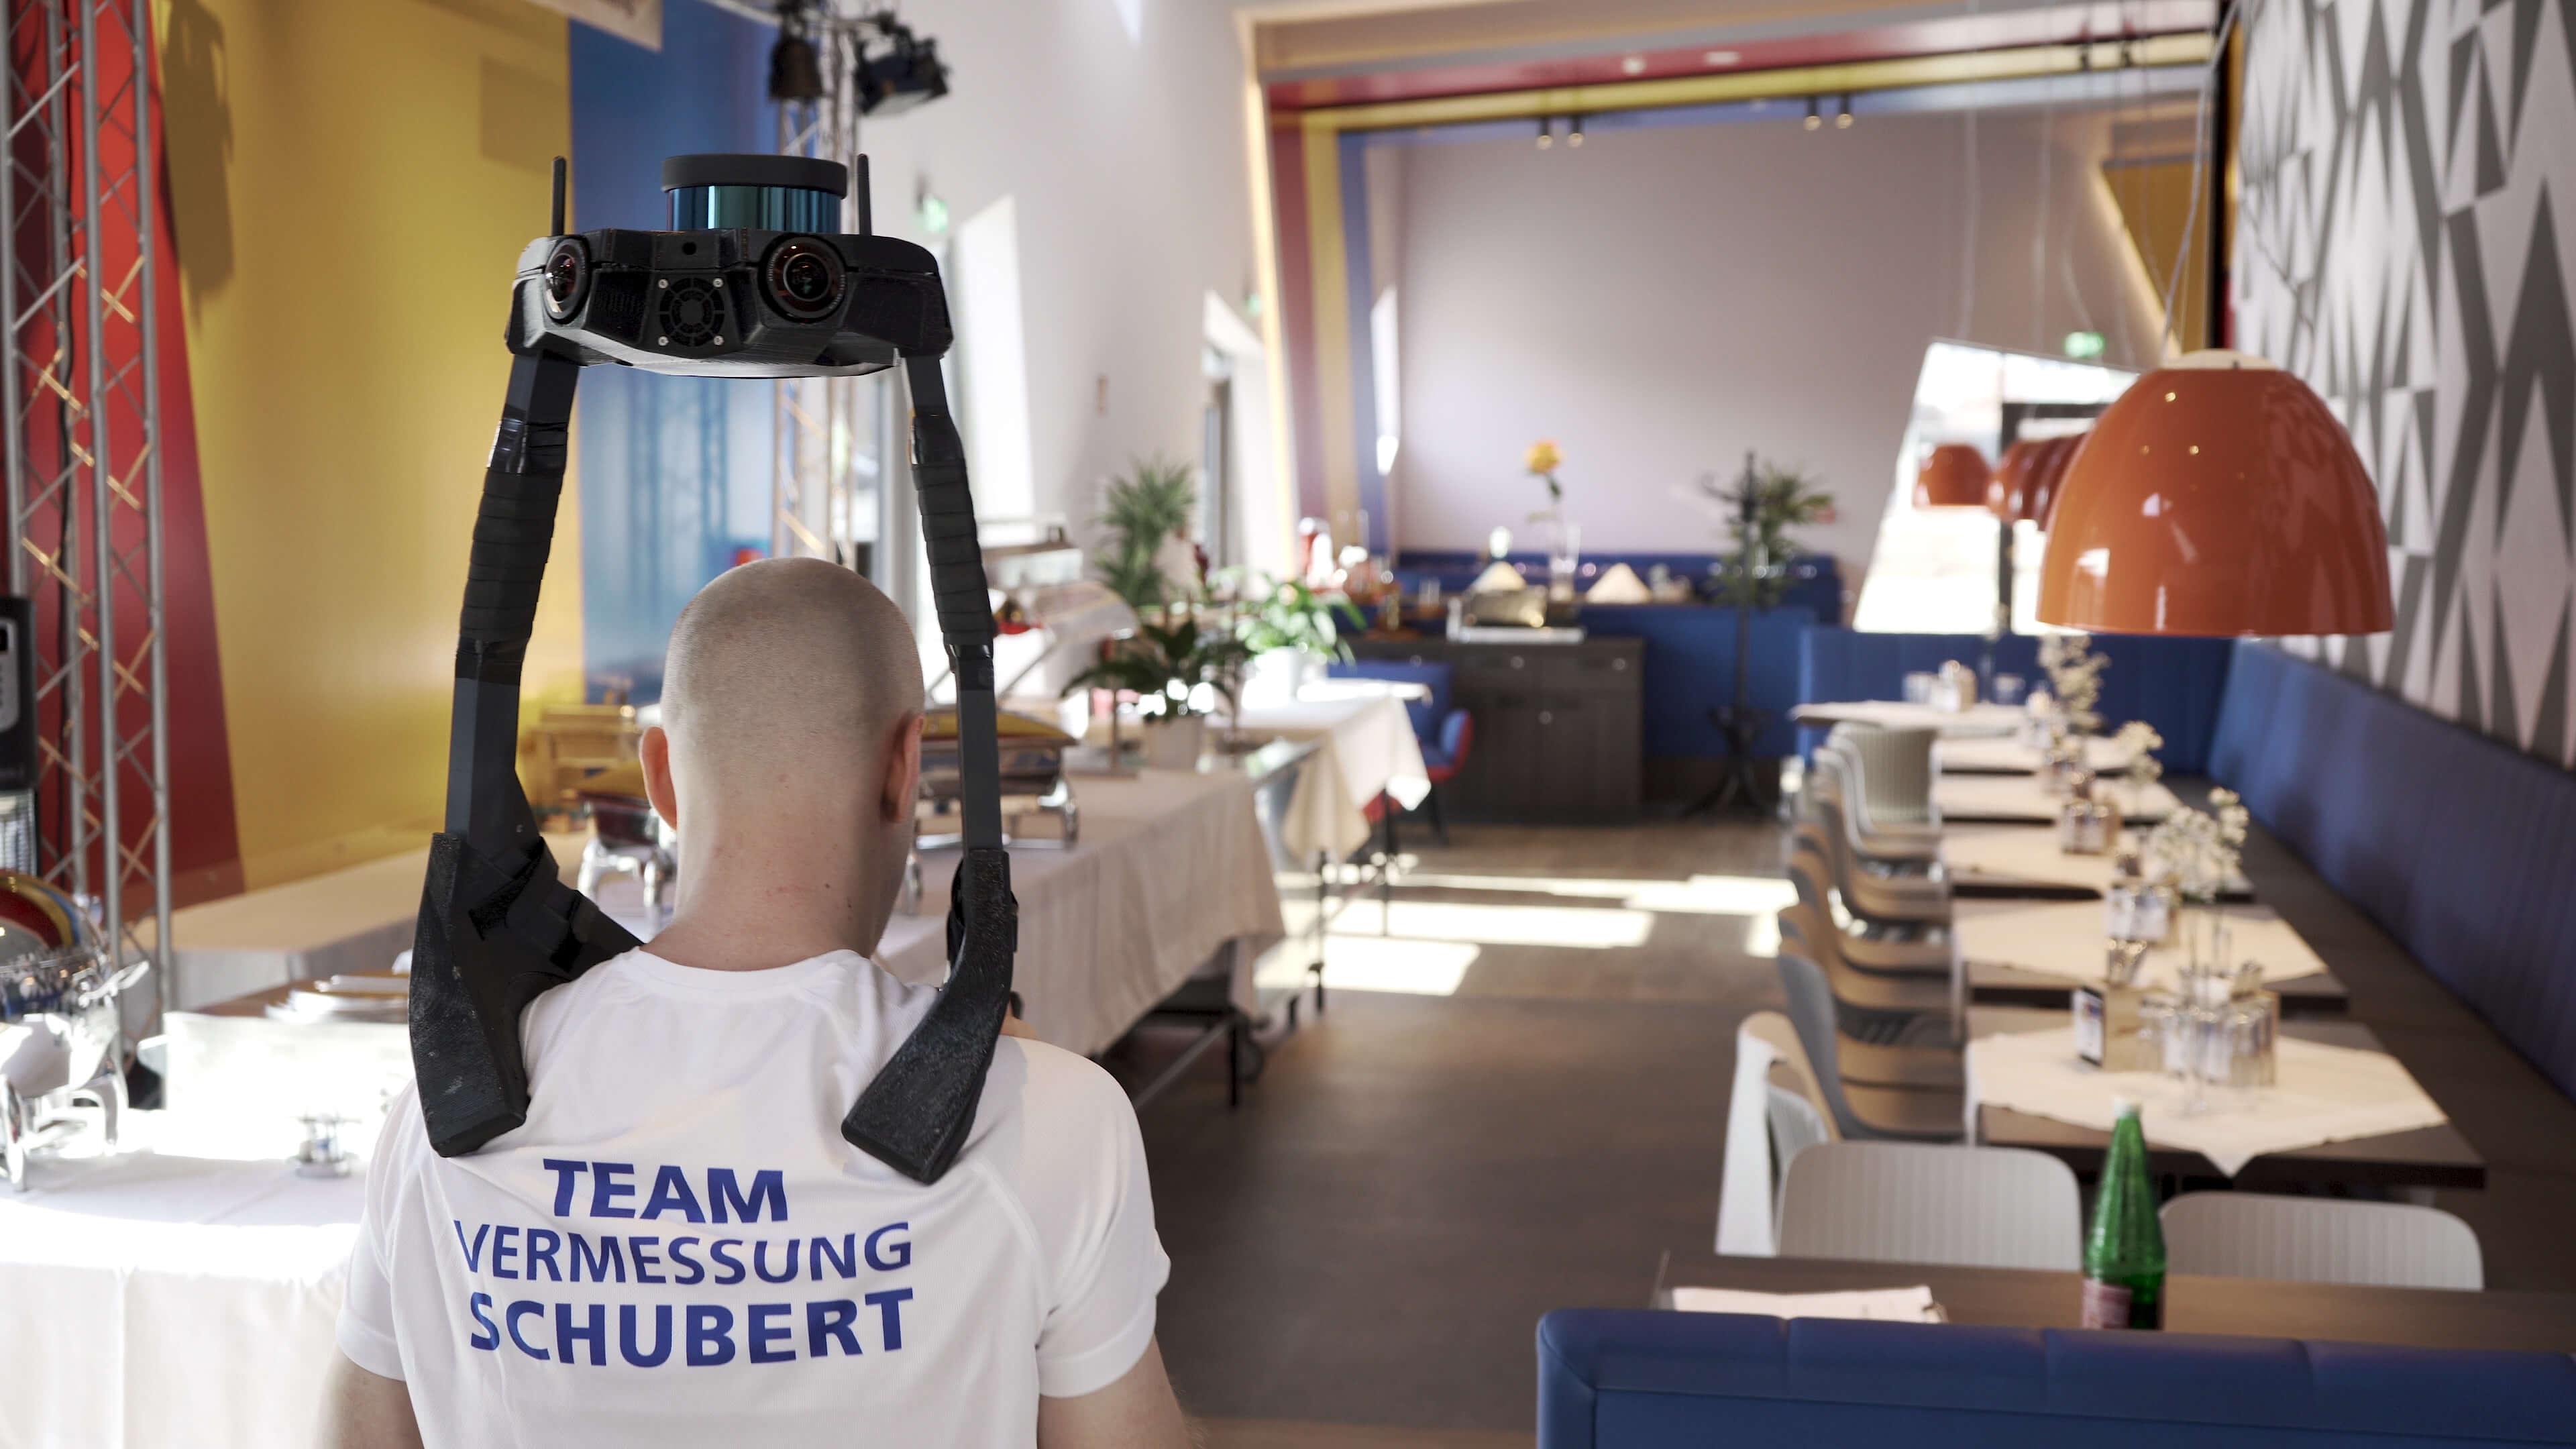 Team Vermessung Schubert NavVis VLX